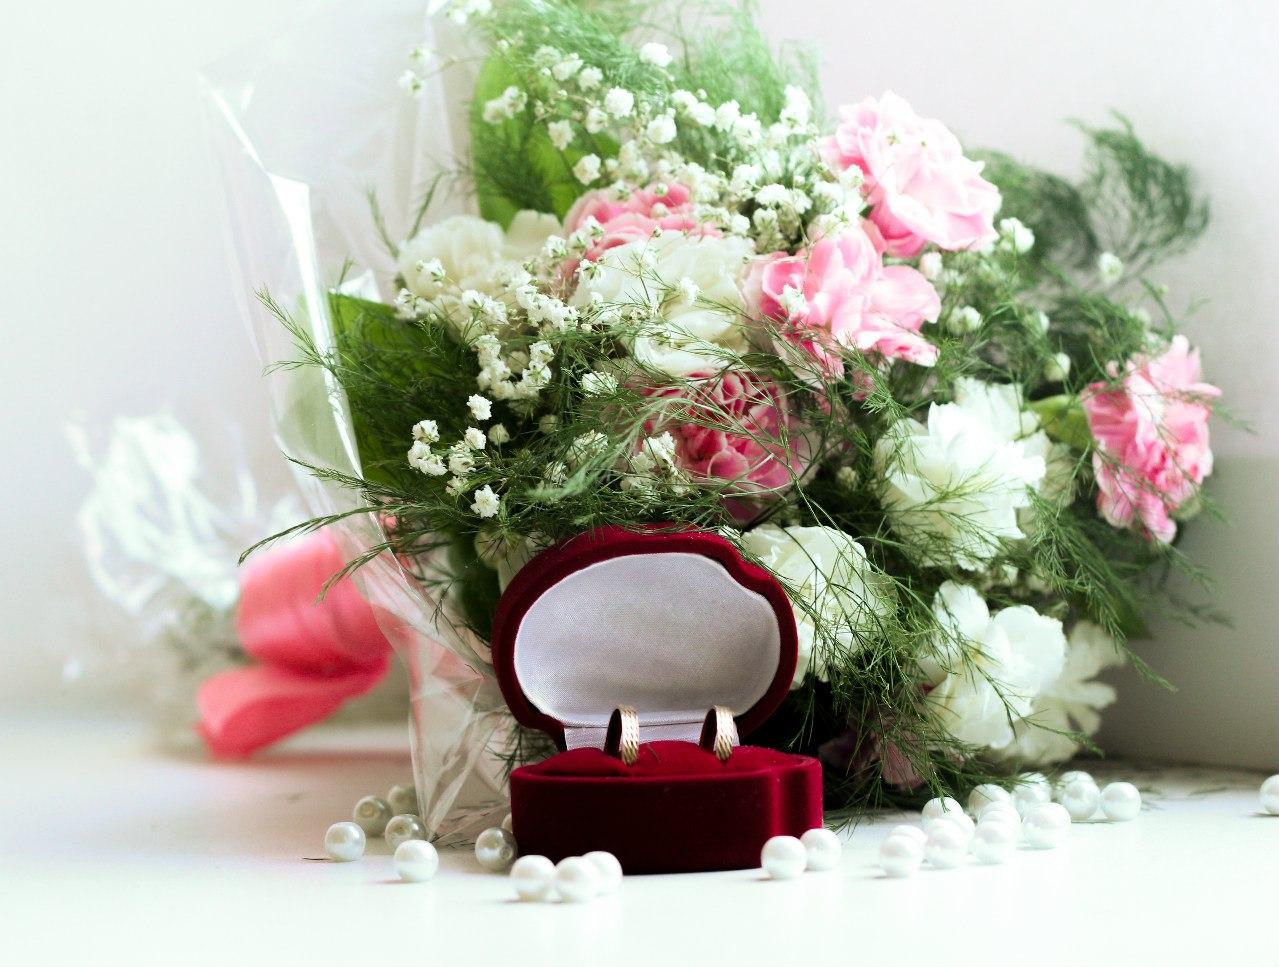 Красивые слова поздравления на свадьбу на татарском языке своими словами